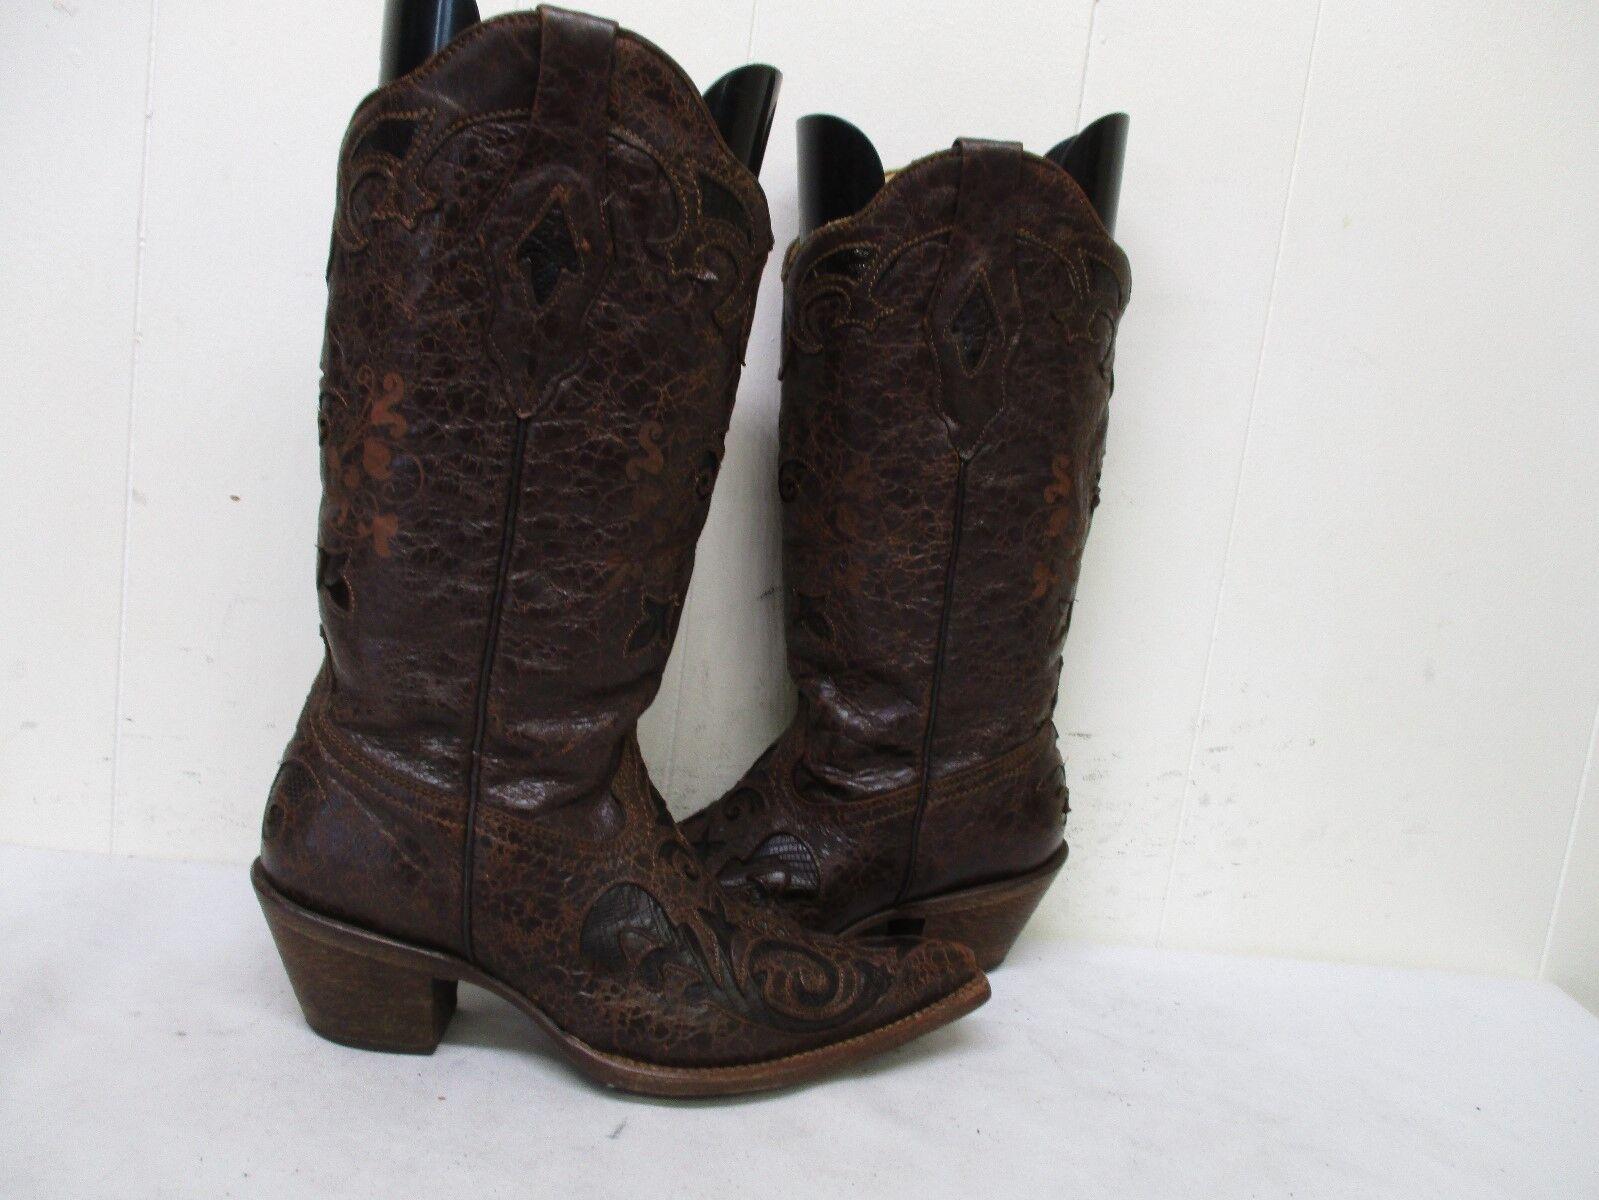 Corral incrustaciones de cuero marrón de efecto craquelado Puntera en en en Punta botas De Vaquero Talla 7 M Estilo C2109  calidad de primera clase